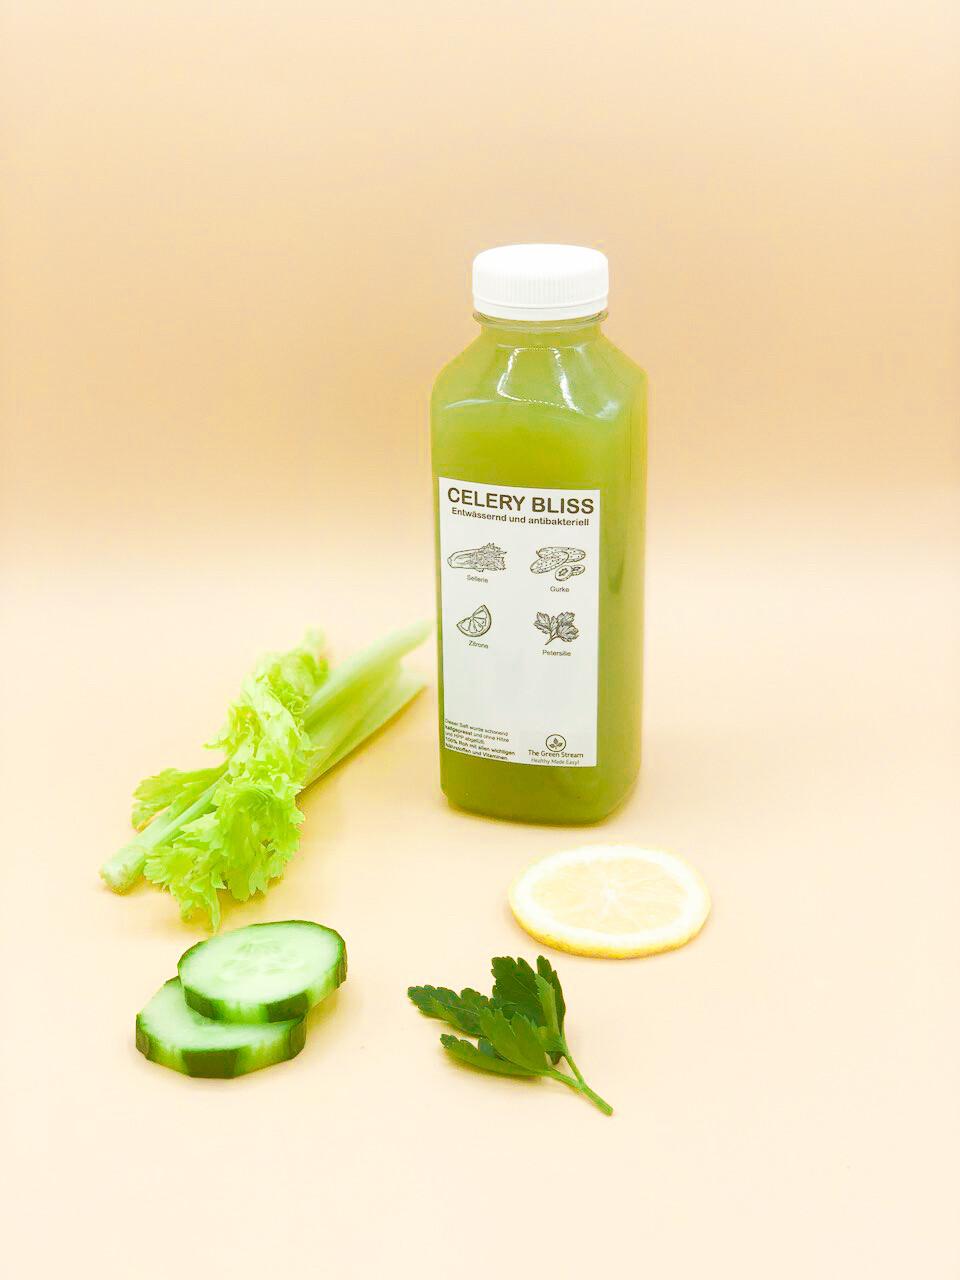 Celery Bliss